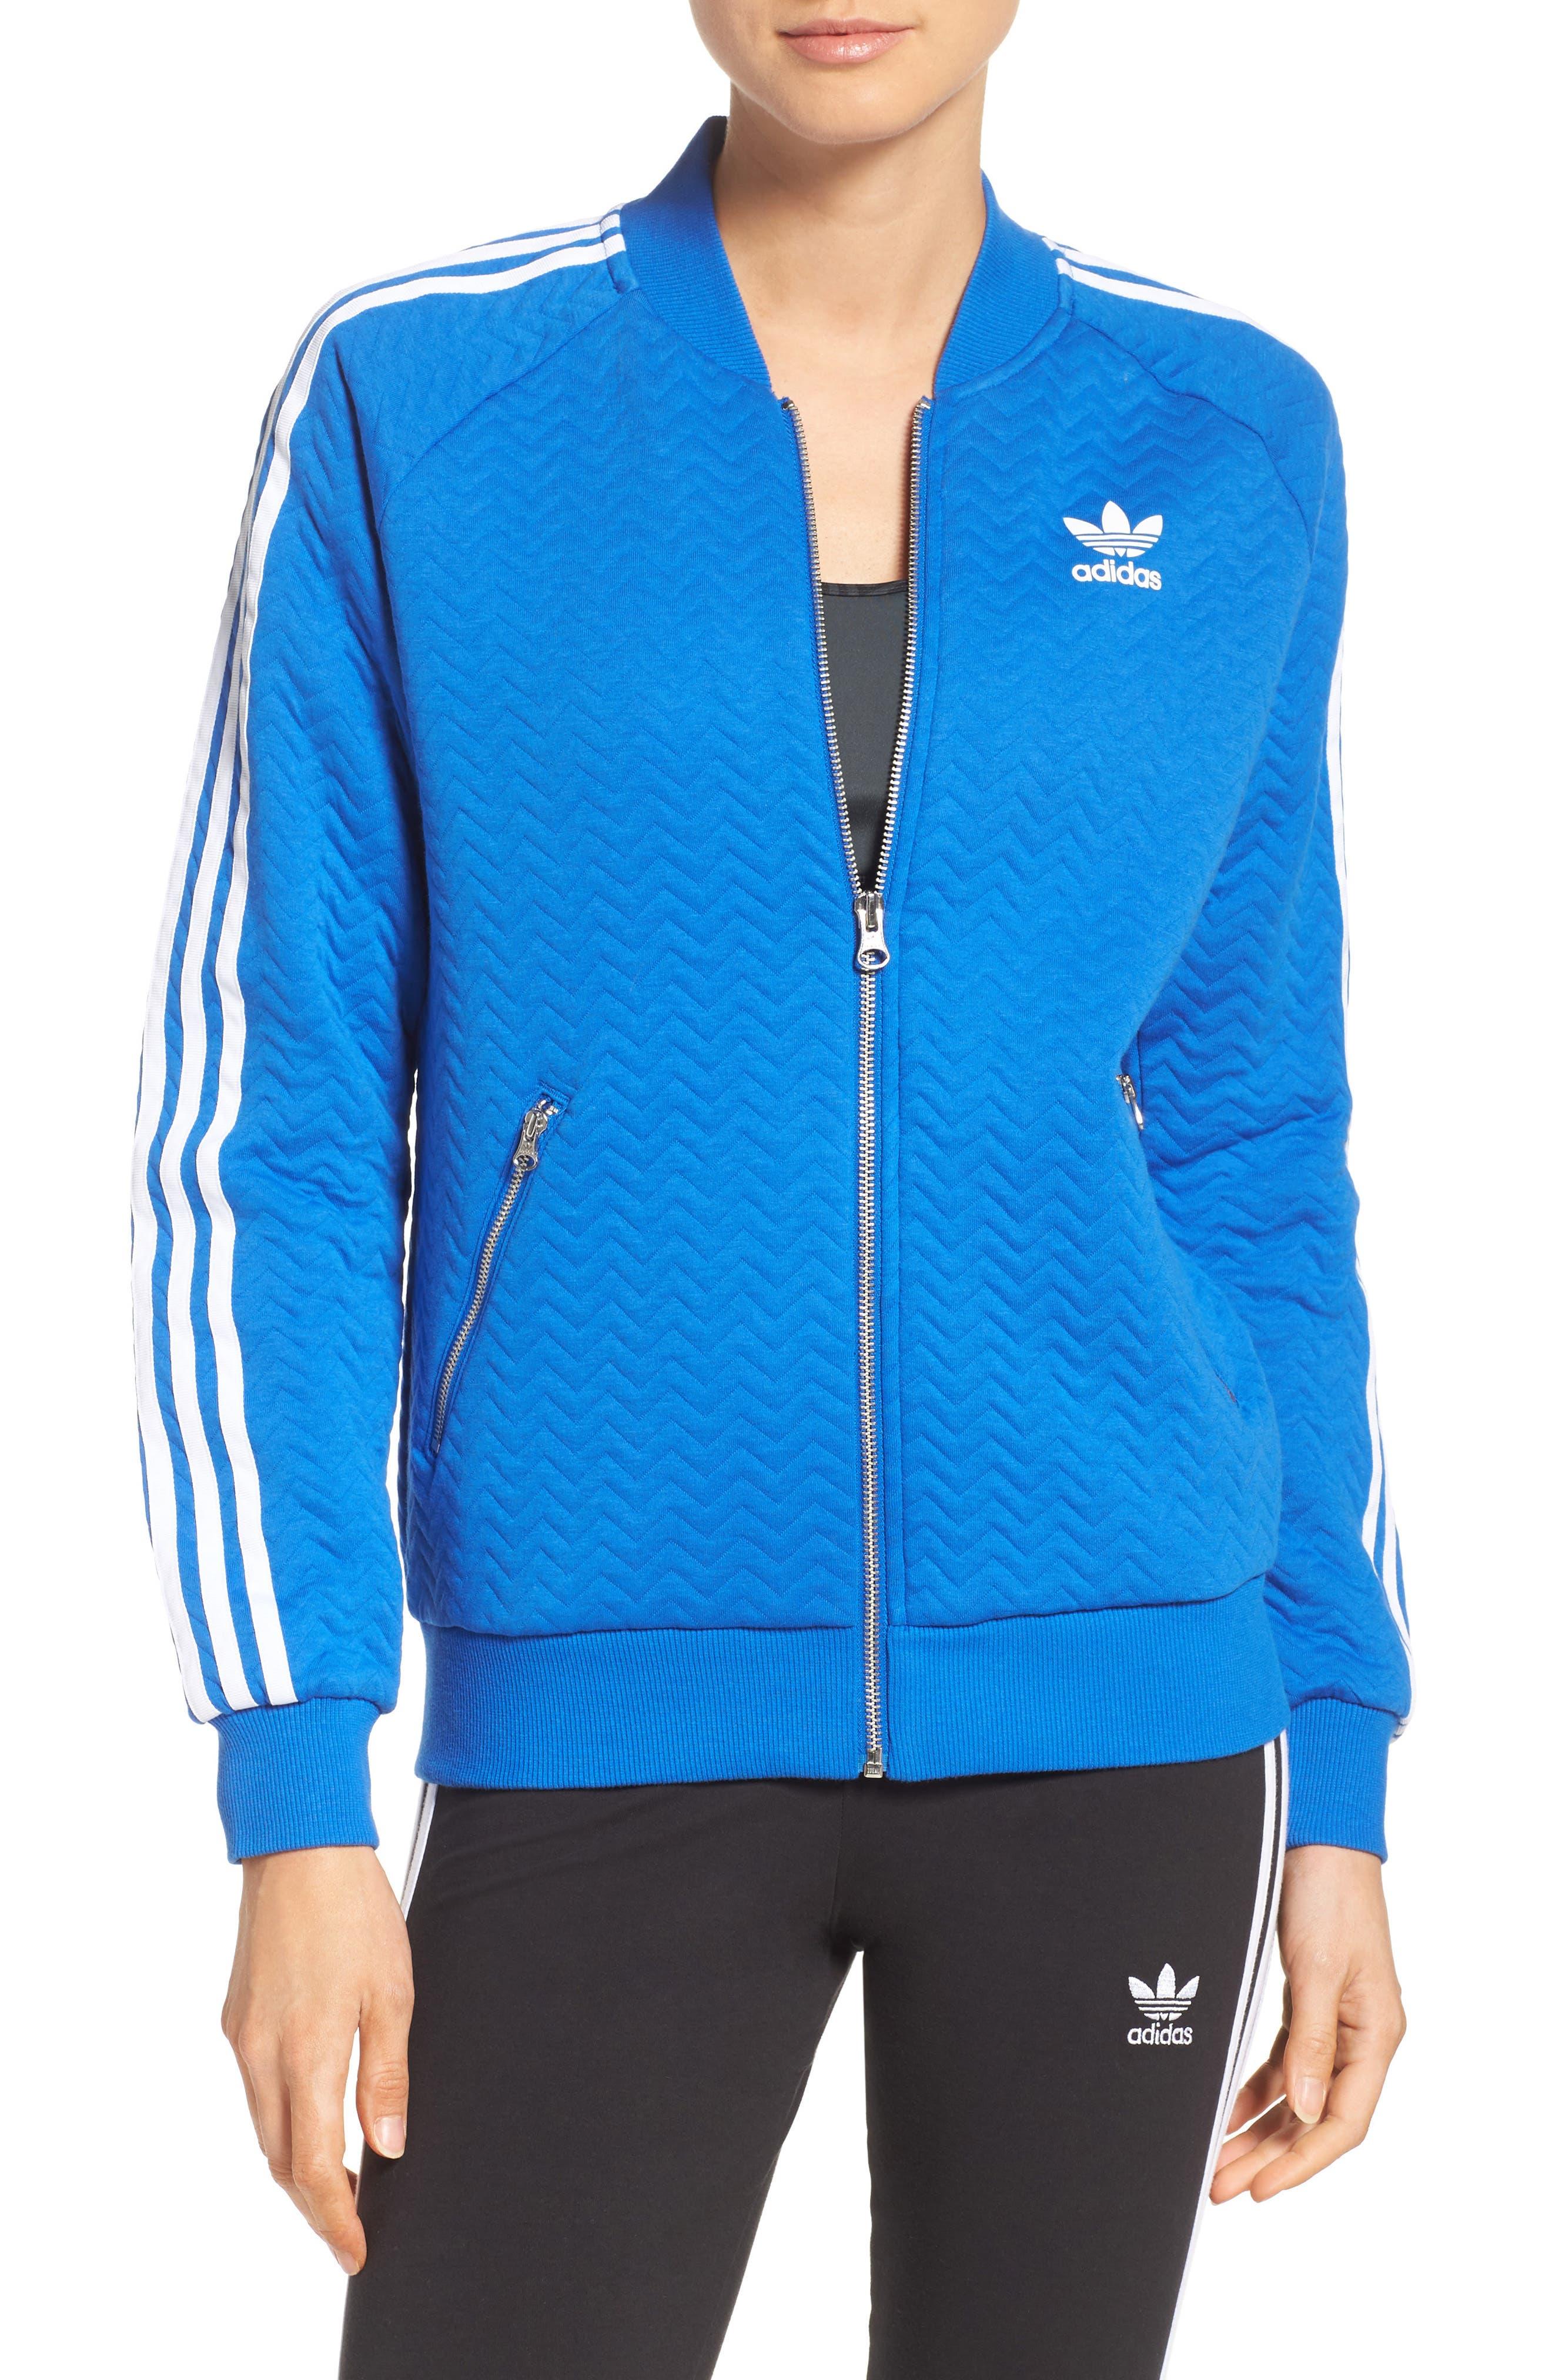 Alternate Image 1 Selected - adidasOriginals 'Superstar' 3-Stripes Track Jacket